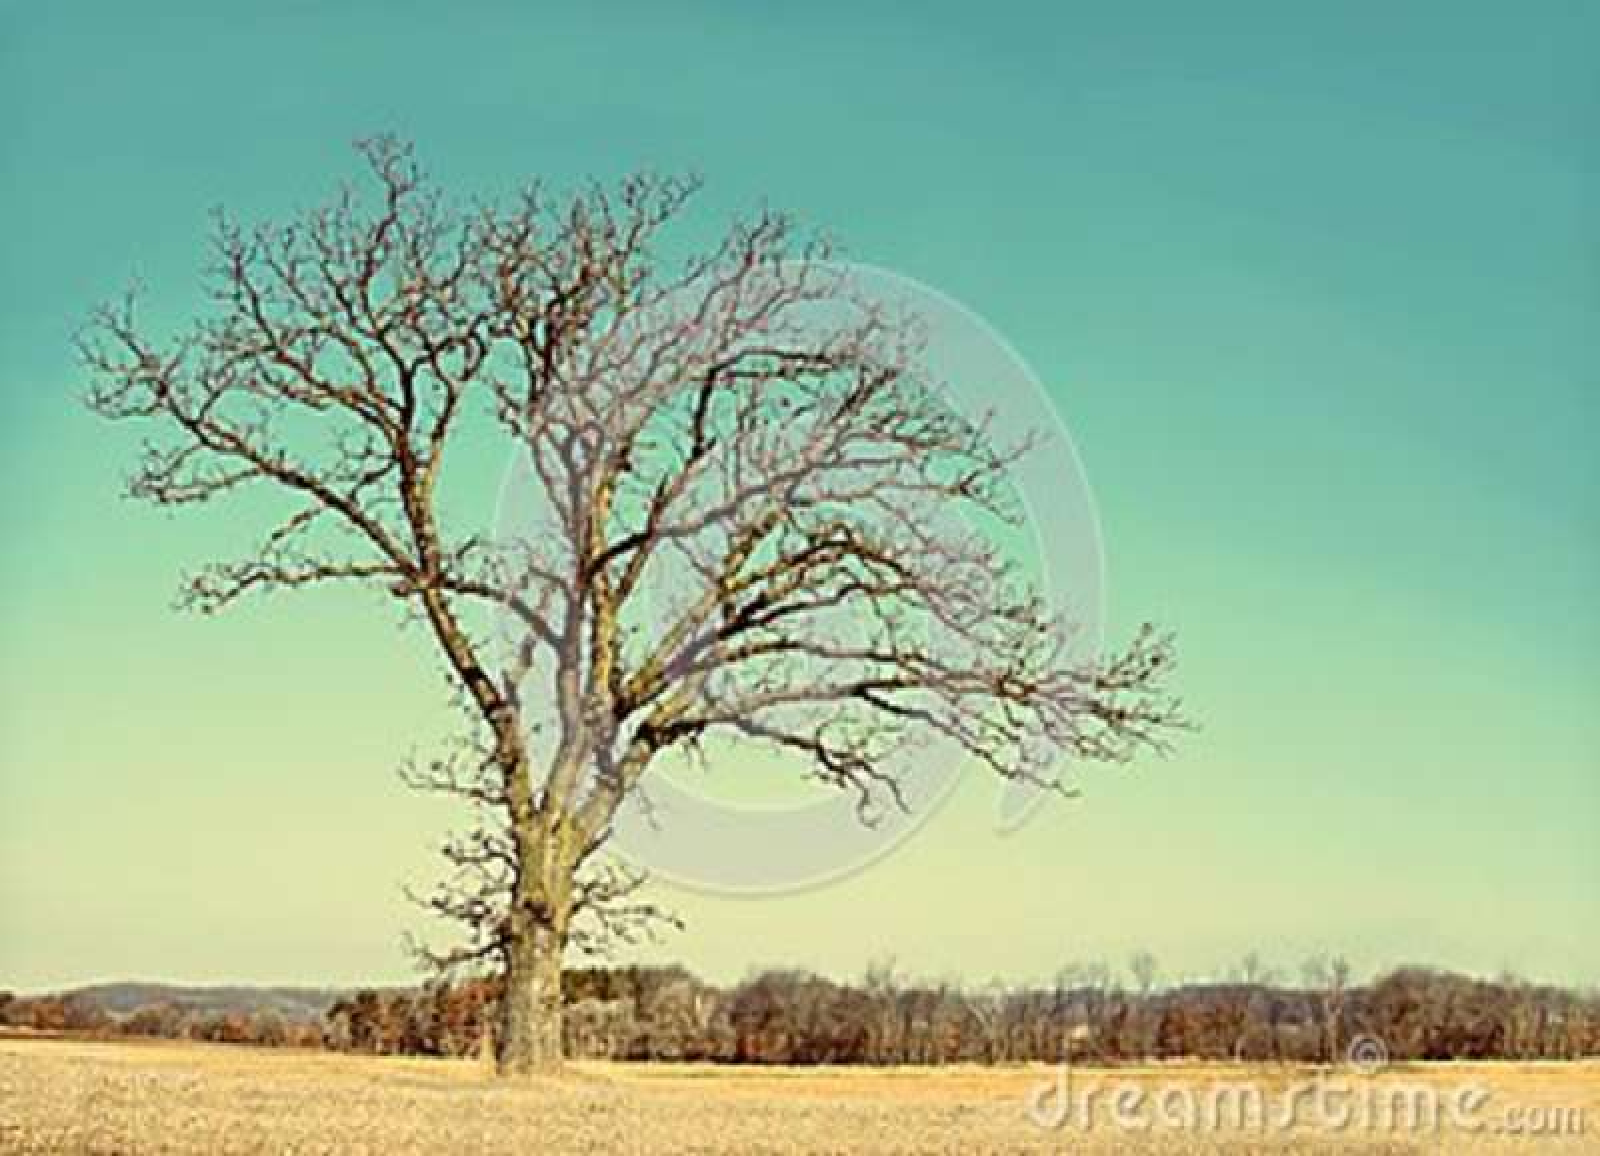 Απομονωμένος γυμνός διακλαδίστηκε χειμερινό δέντρο στη χώρα